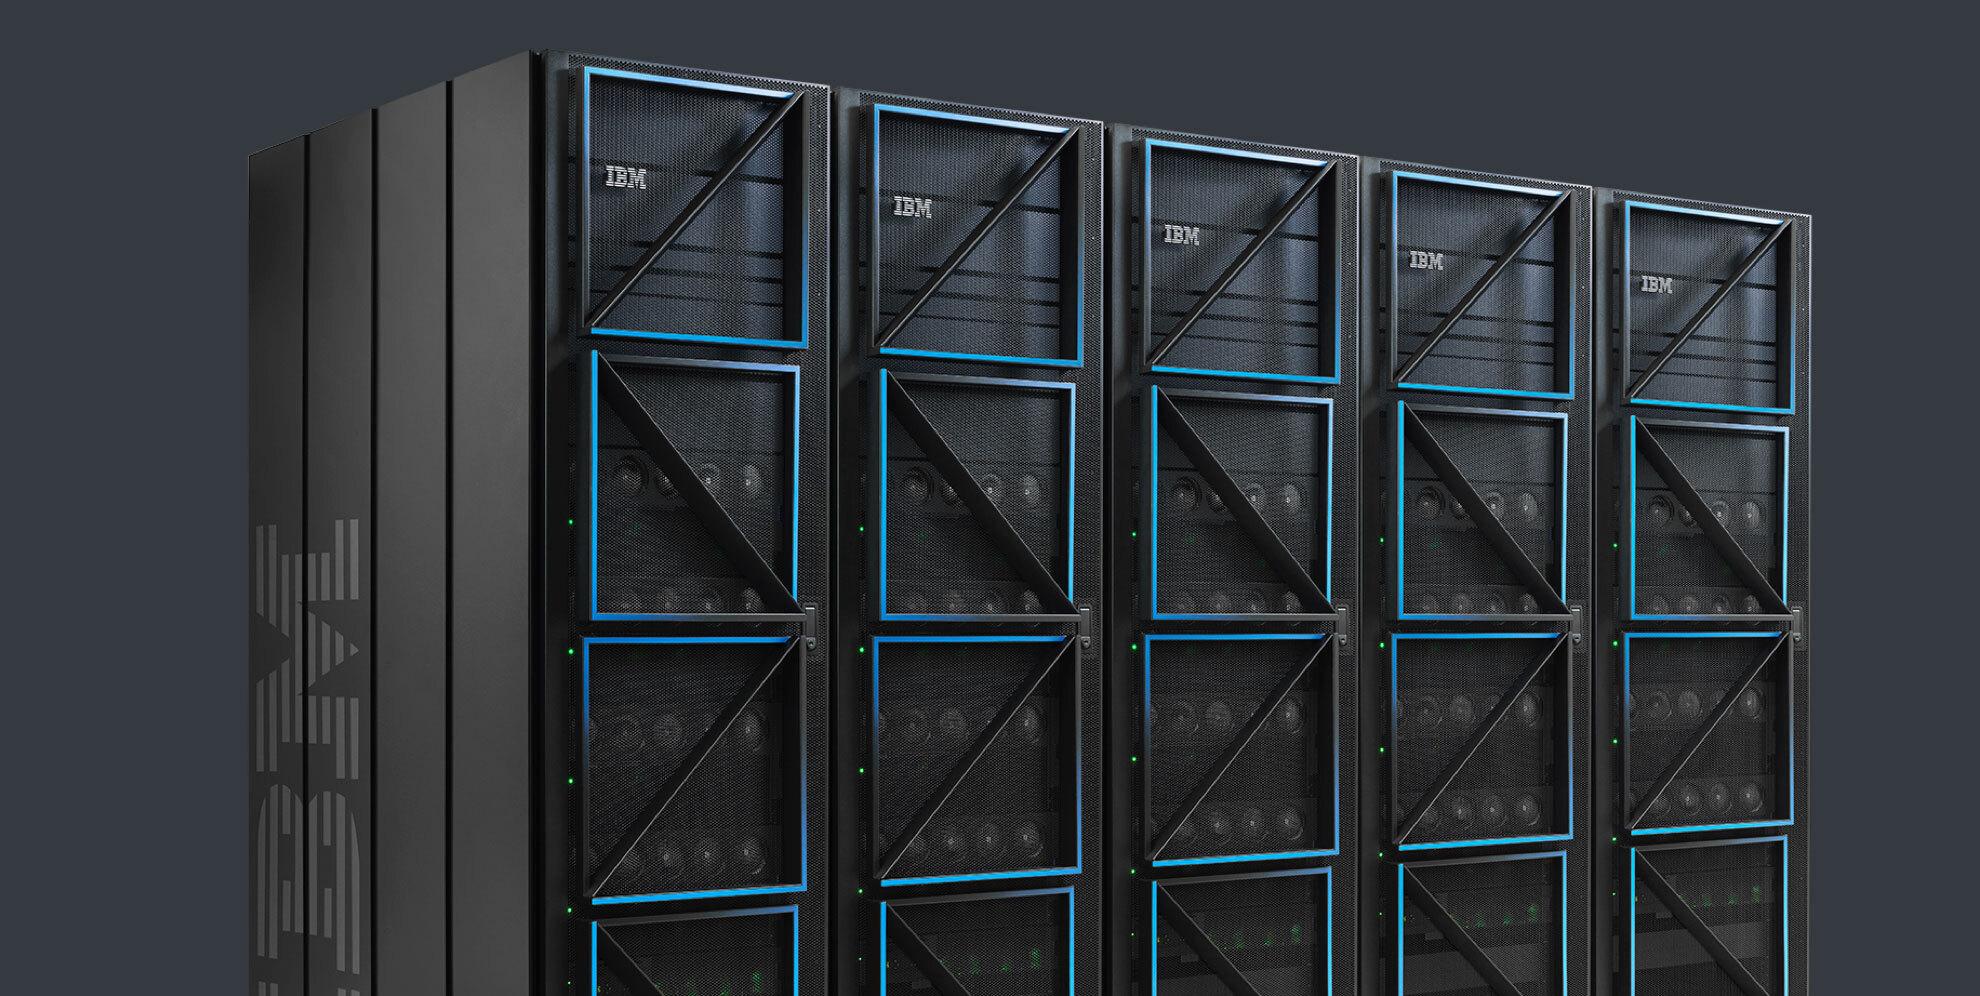 IBM Power E1080 mainframe